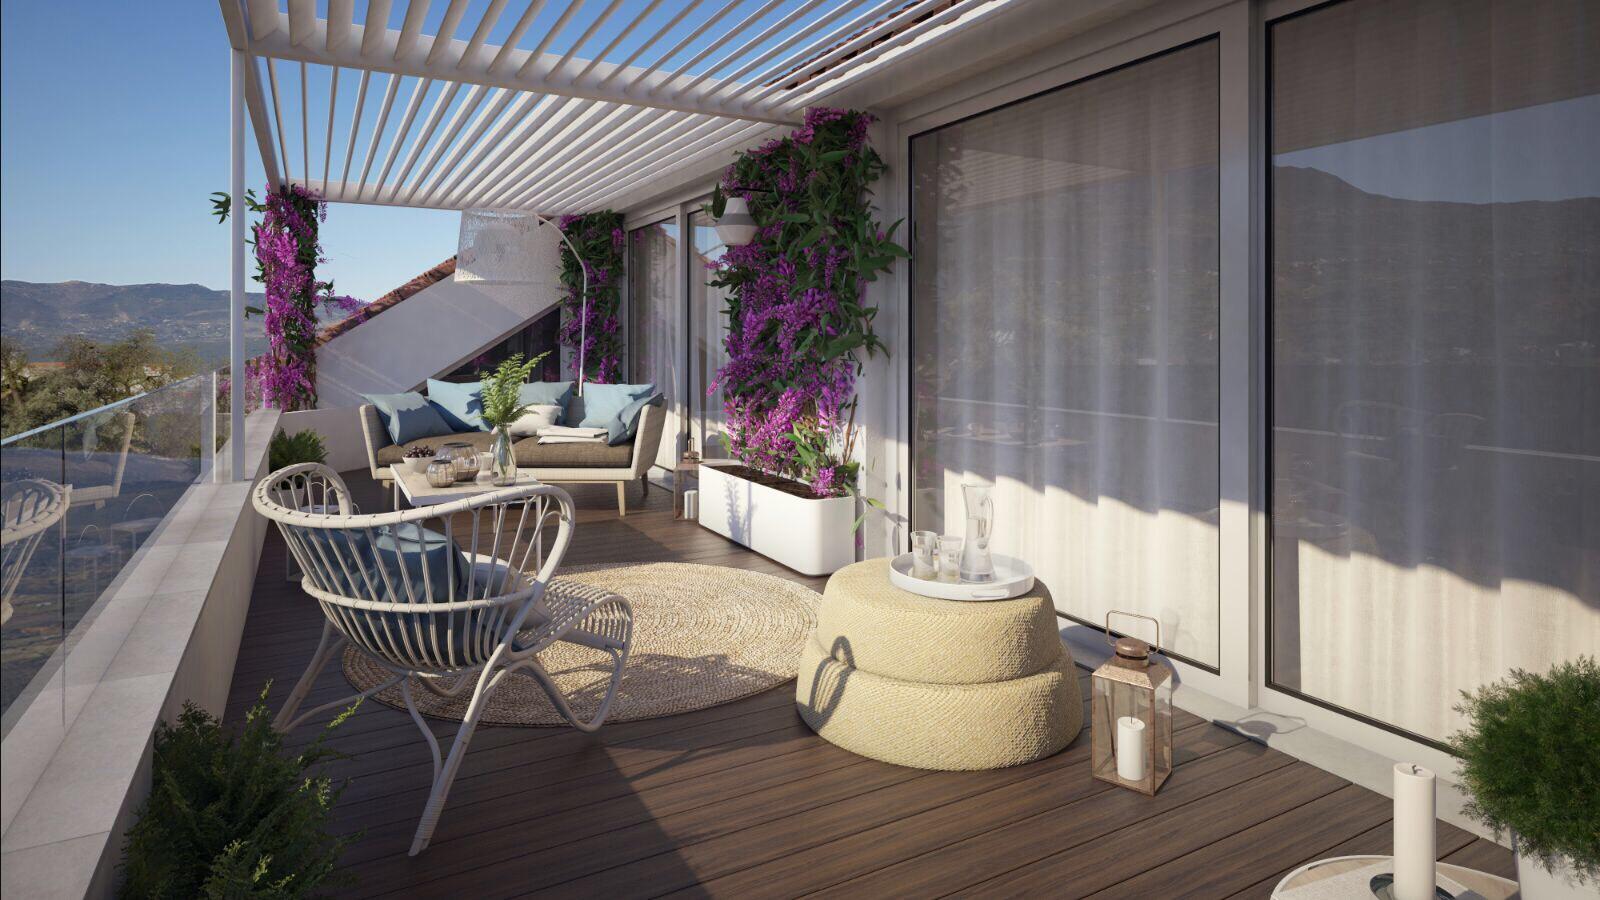 Reforma y dise o de terraza de un tico en baza cocobolo interiorismo - Diseno de terraza ...